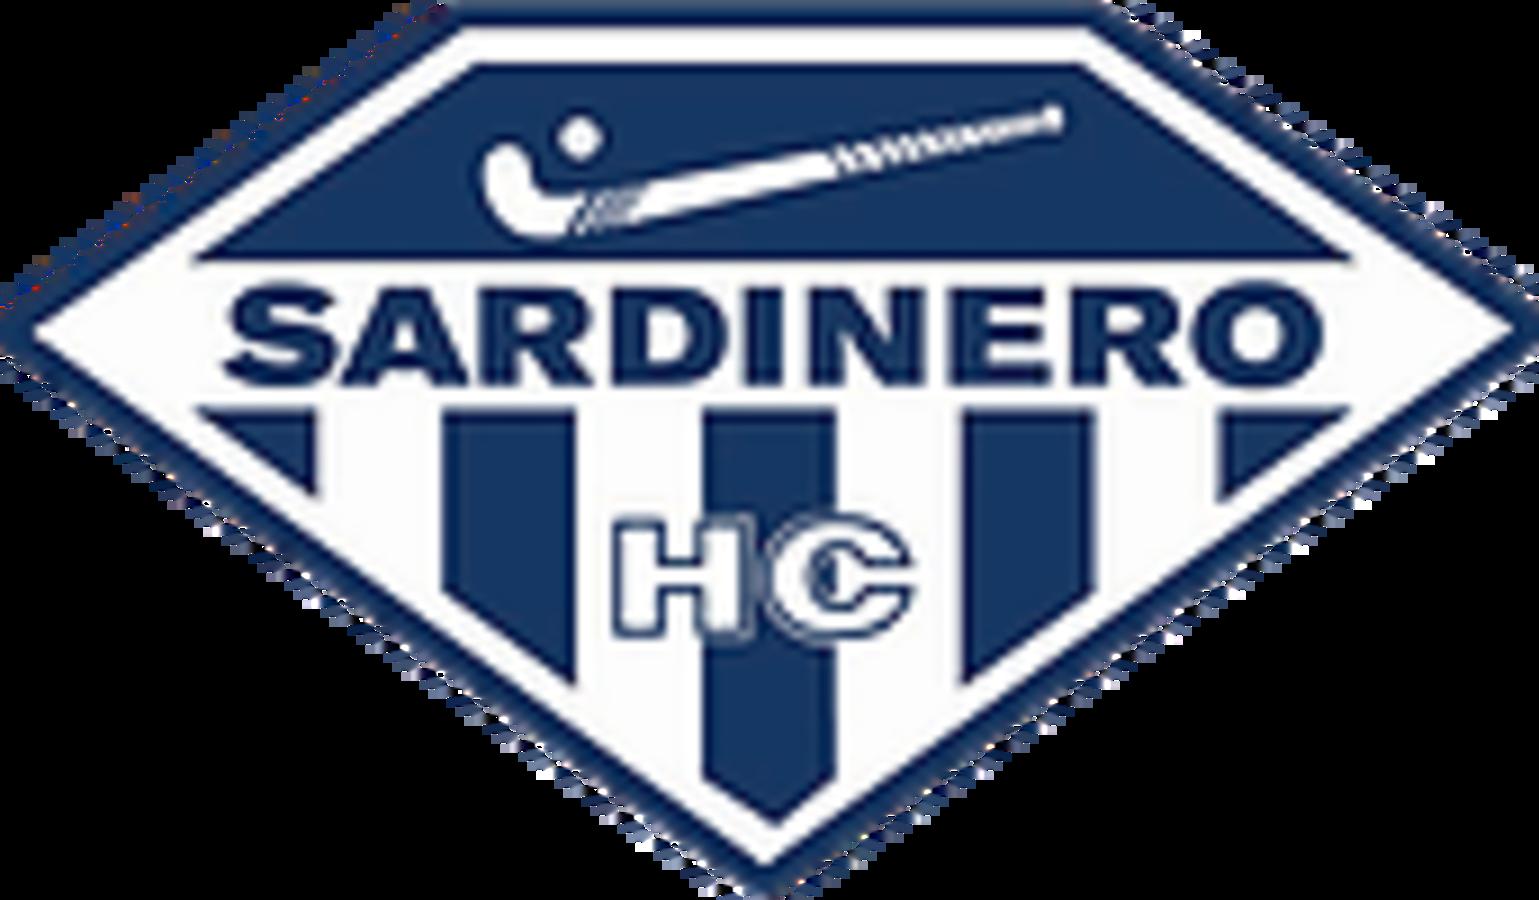 SARDINERO H.C.